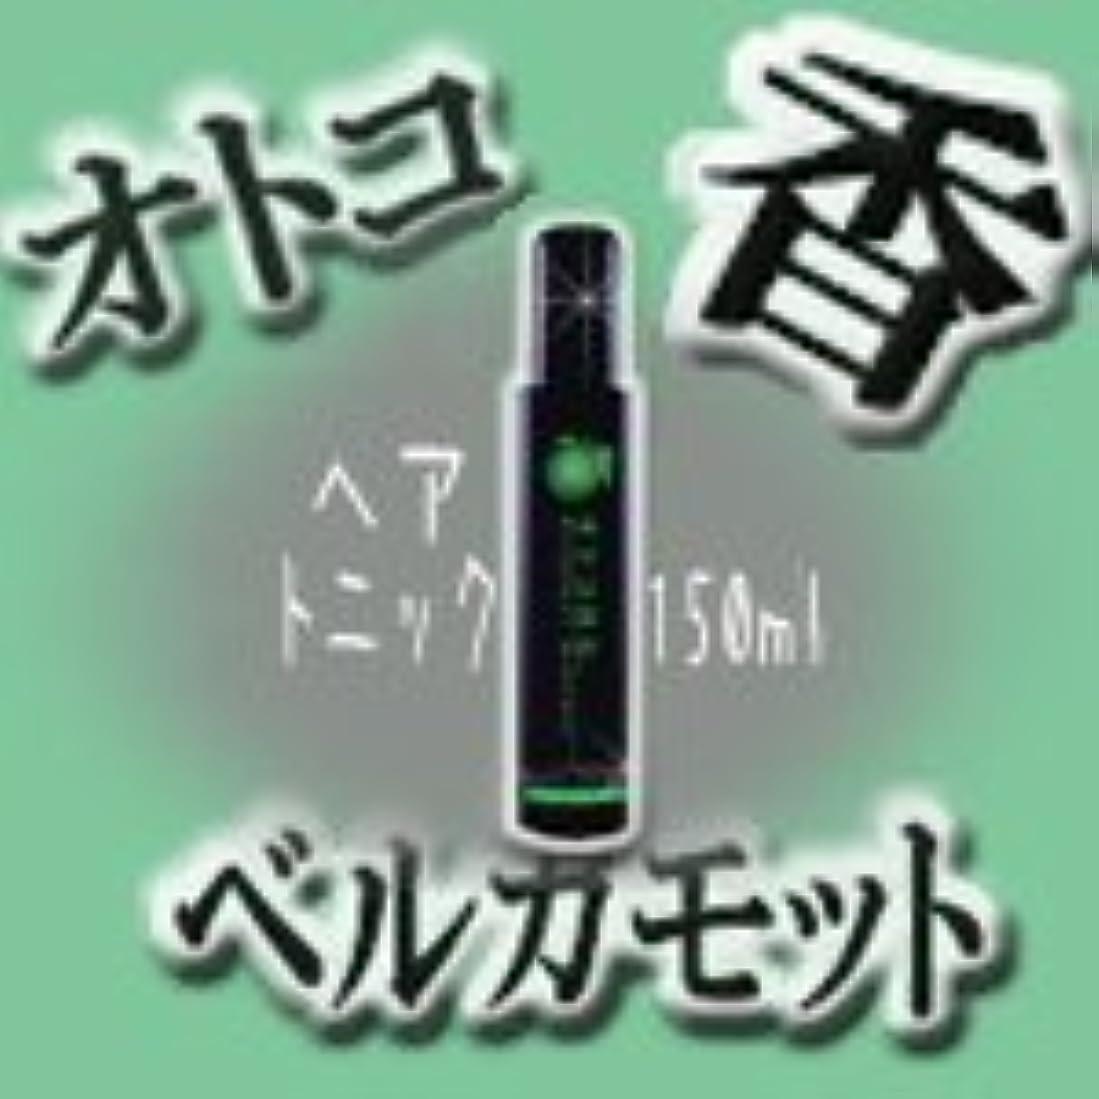 追い出す猫背ファイタークラシエ オトコ香るトニック 【ベルガモット】 (ヘアトニック) 150mL